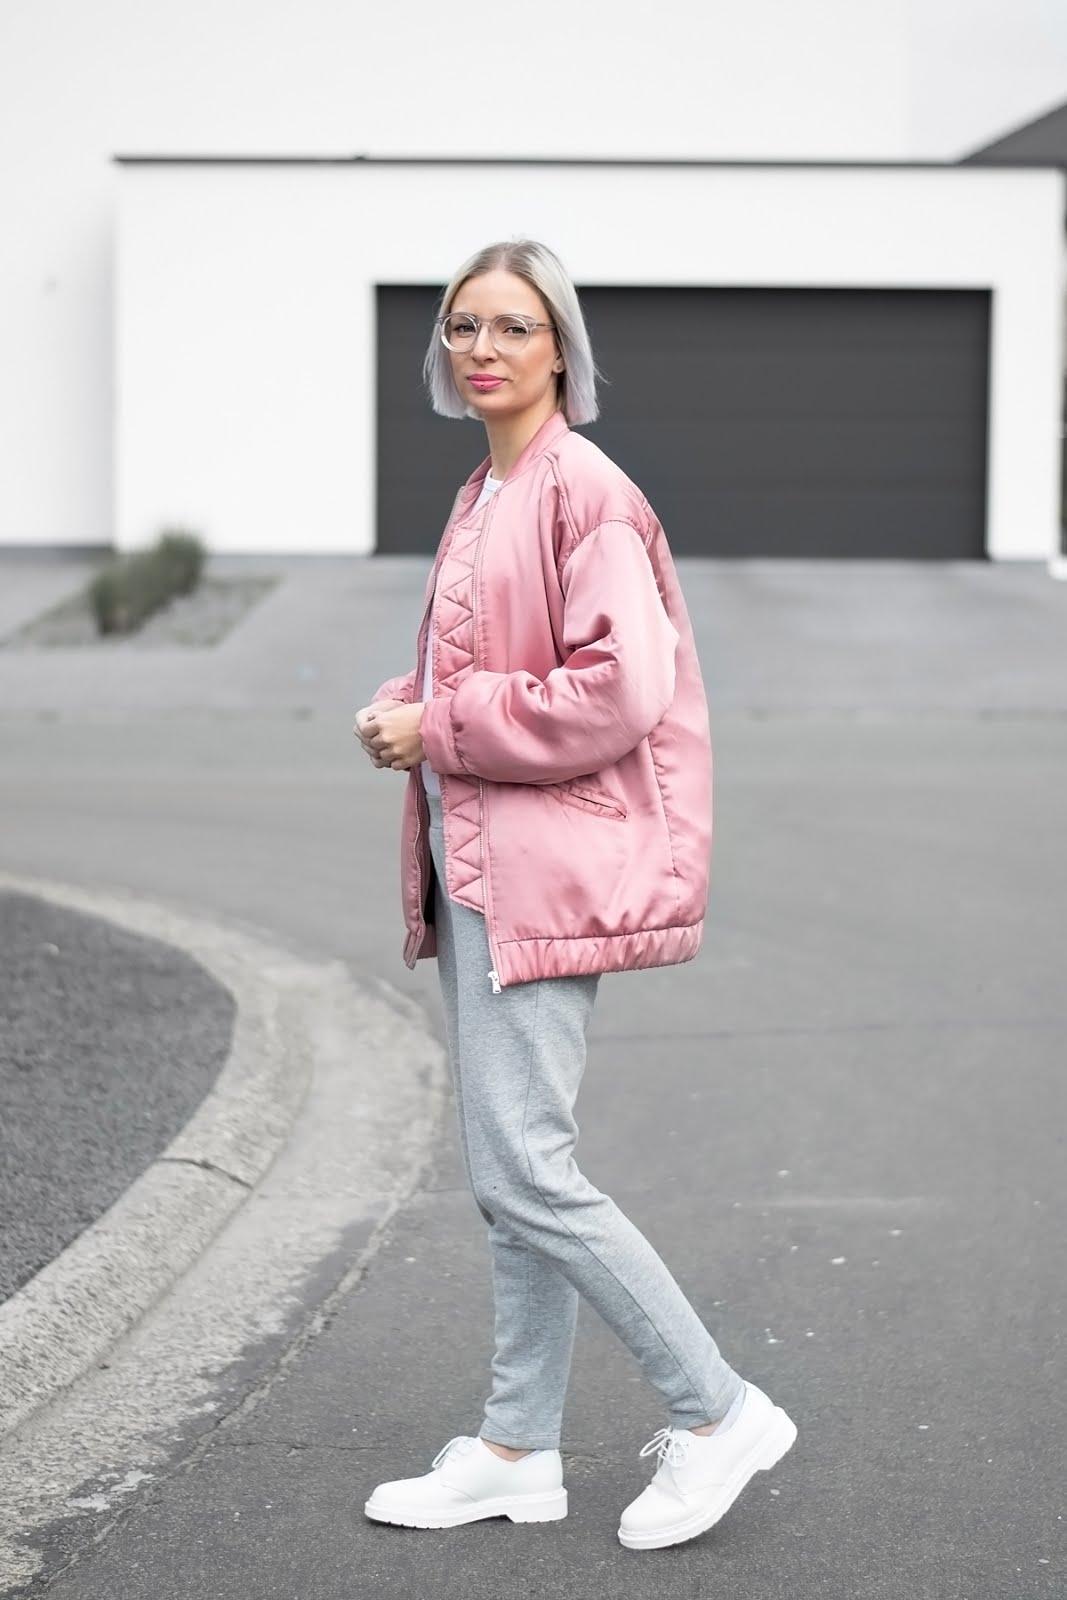 Mango pink oversized bomber jacket, Asos white longsleeve, Mango grey sweat pants, joggers, polette glasses, monochrome, white dr martens